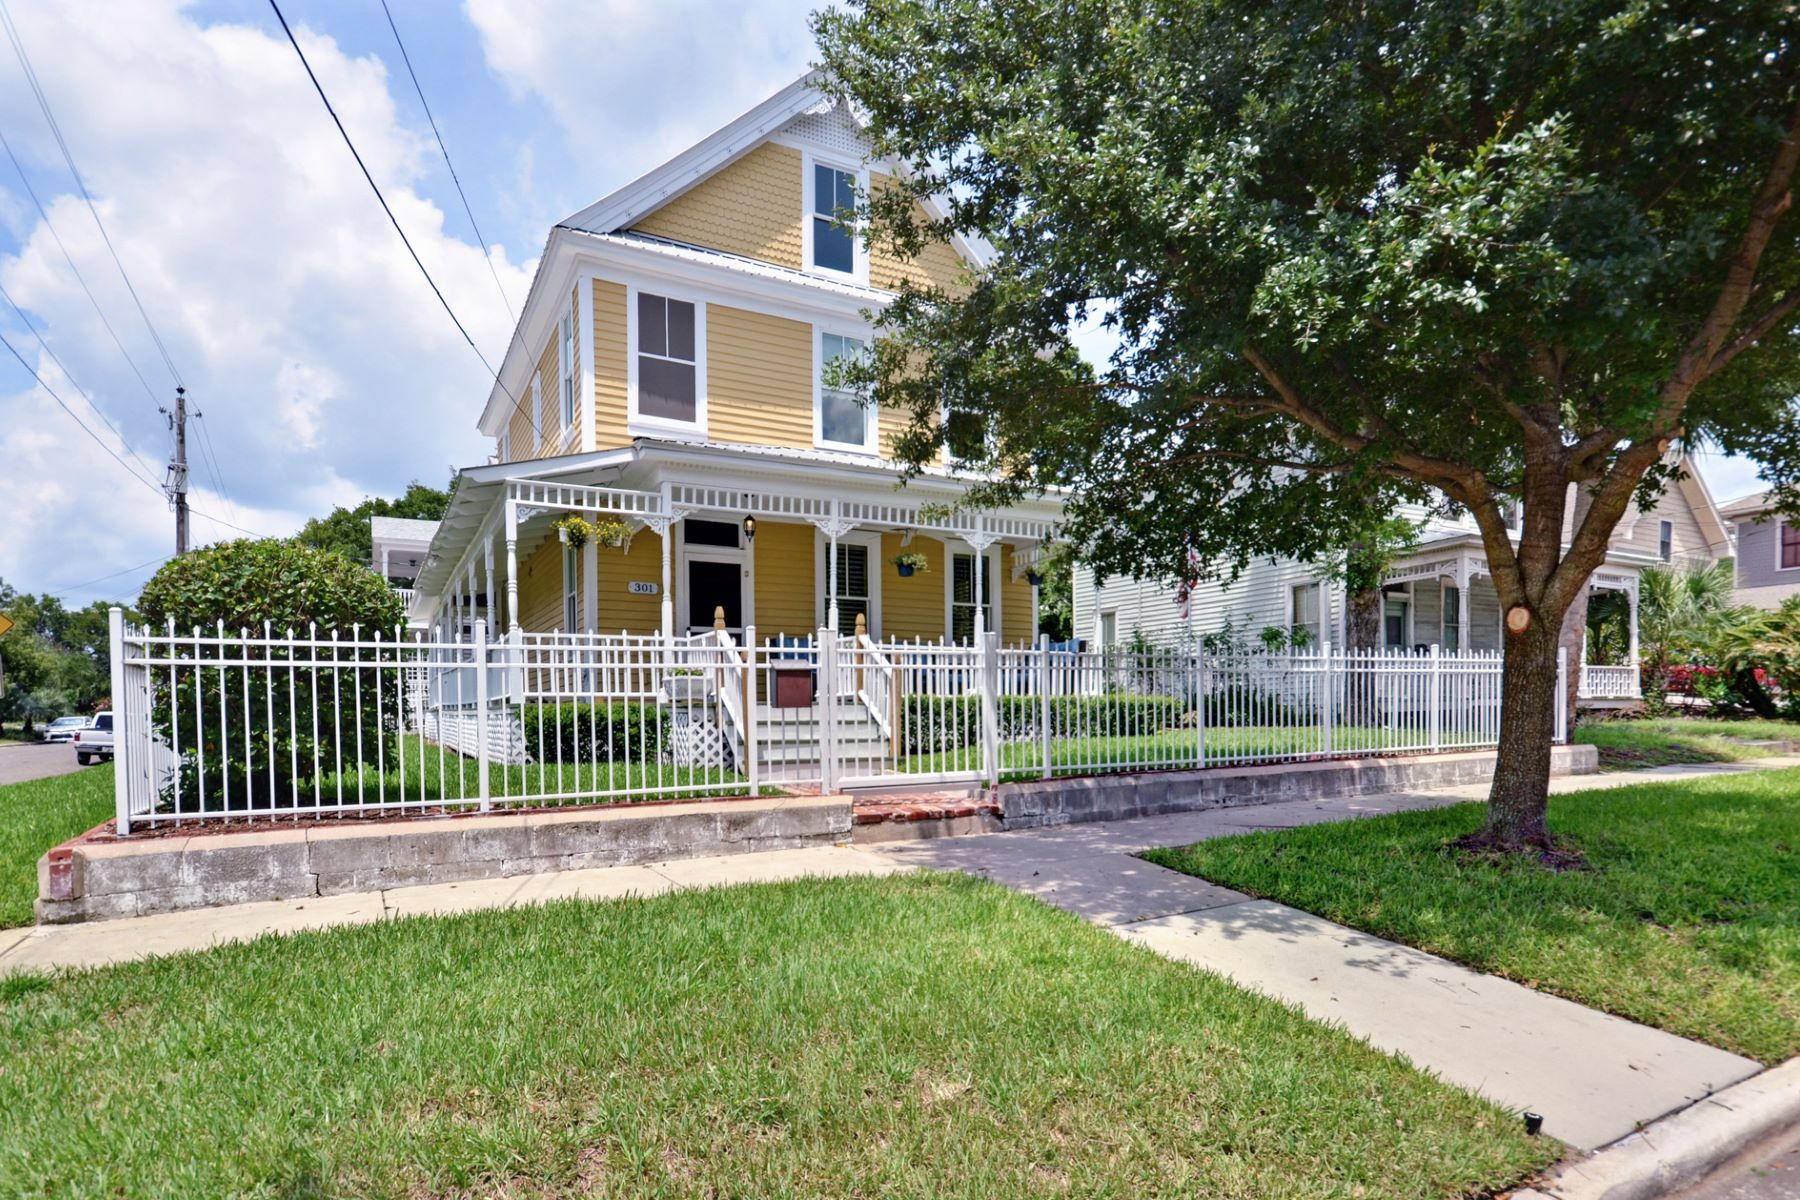 独户住宅 为 销售 在 301 Broome Street 斐南迪纳比奇, 佛罗里达州 32034 美国